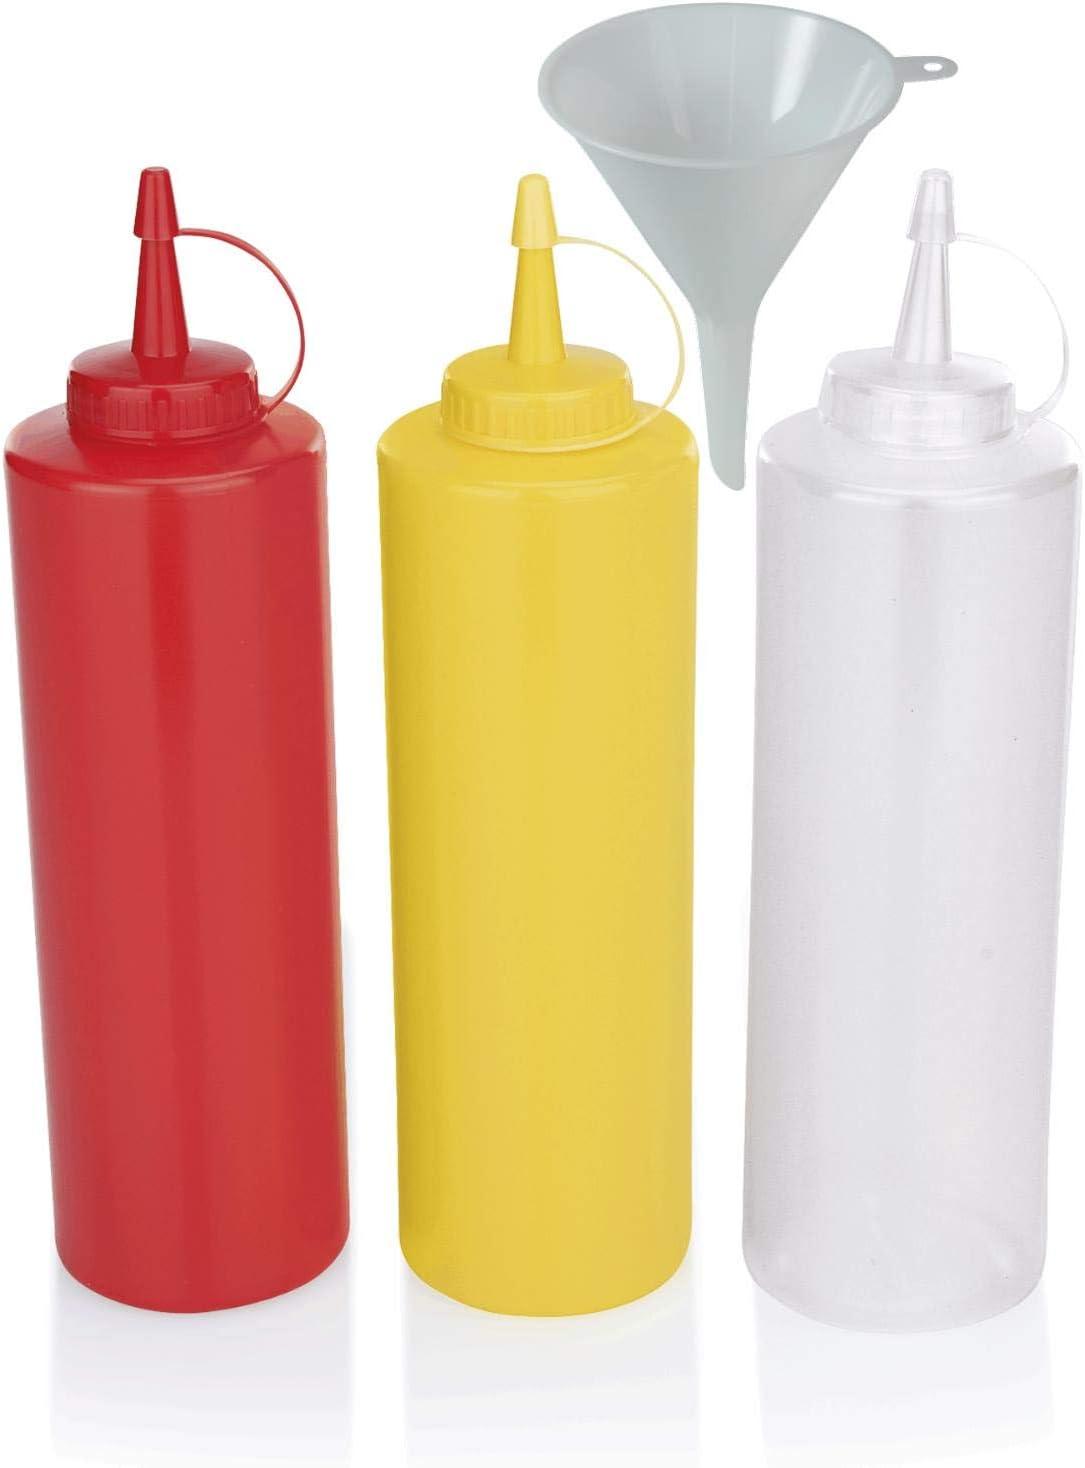 Condiment Flaschen 4pc Plastik Quetschflasche Gew/ürzflaschen-Set f/ür Home K/üche /& Restaurant /& BBQ Quetschflasche Transparent Kunststoff BPA-frei 480ml,770ml None//Brand Besylo Squeeze Flasche